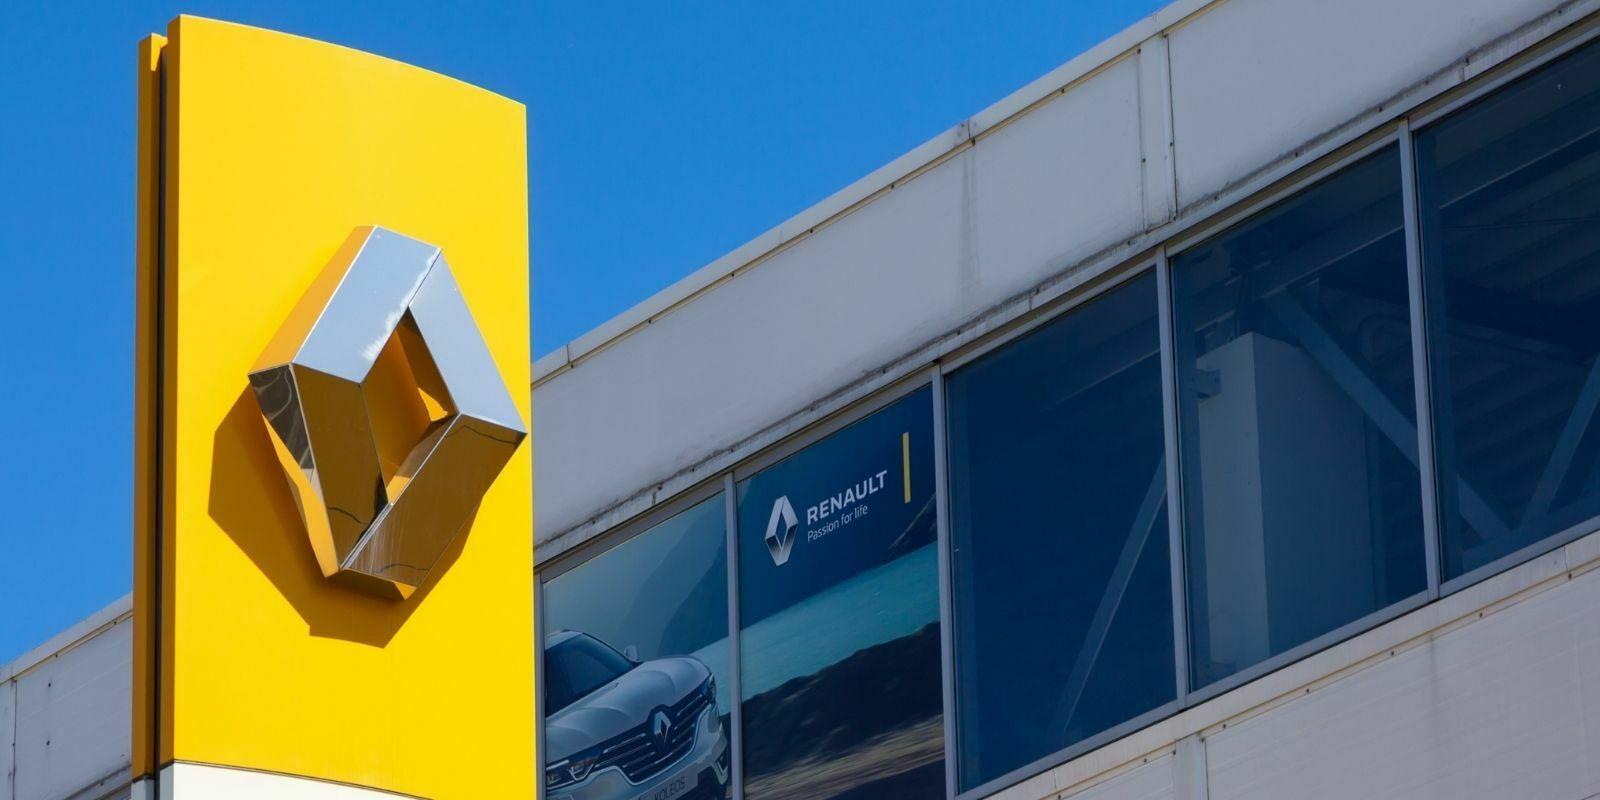 Renault déploie la solution blockchain XCEED dans ses usines en Espagne et Turquie